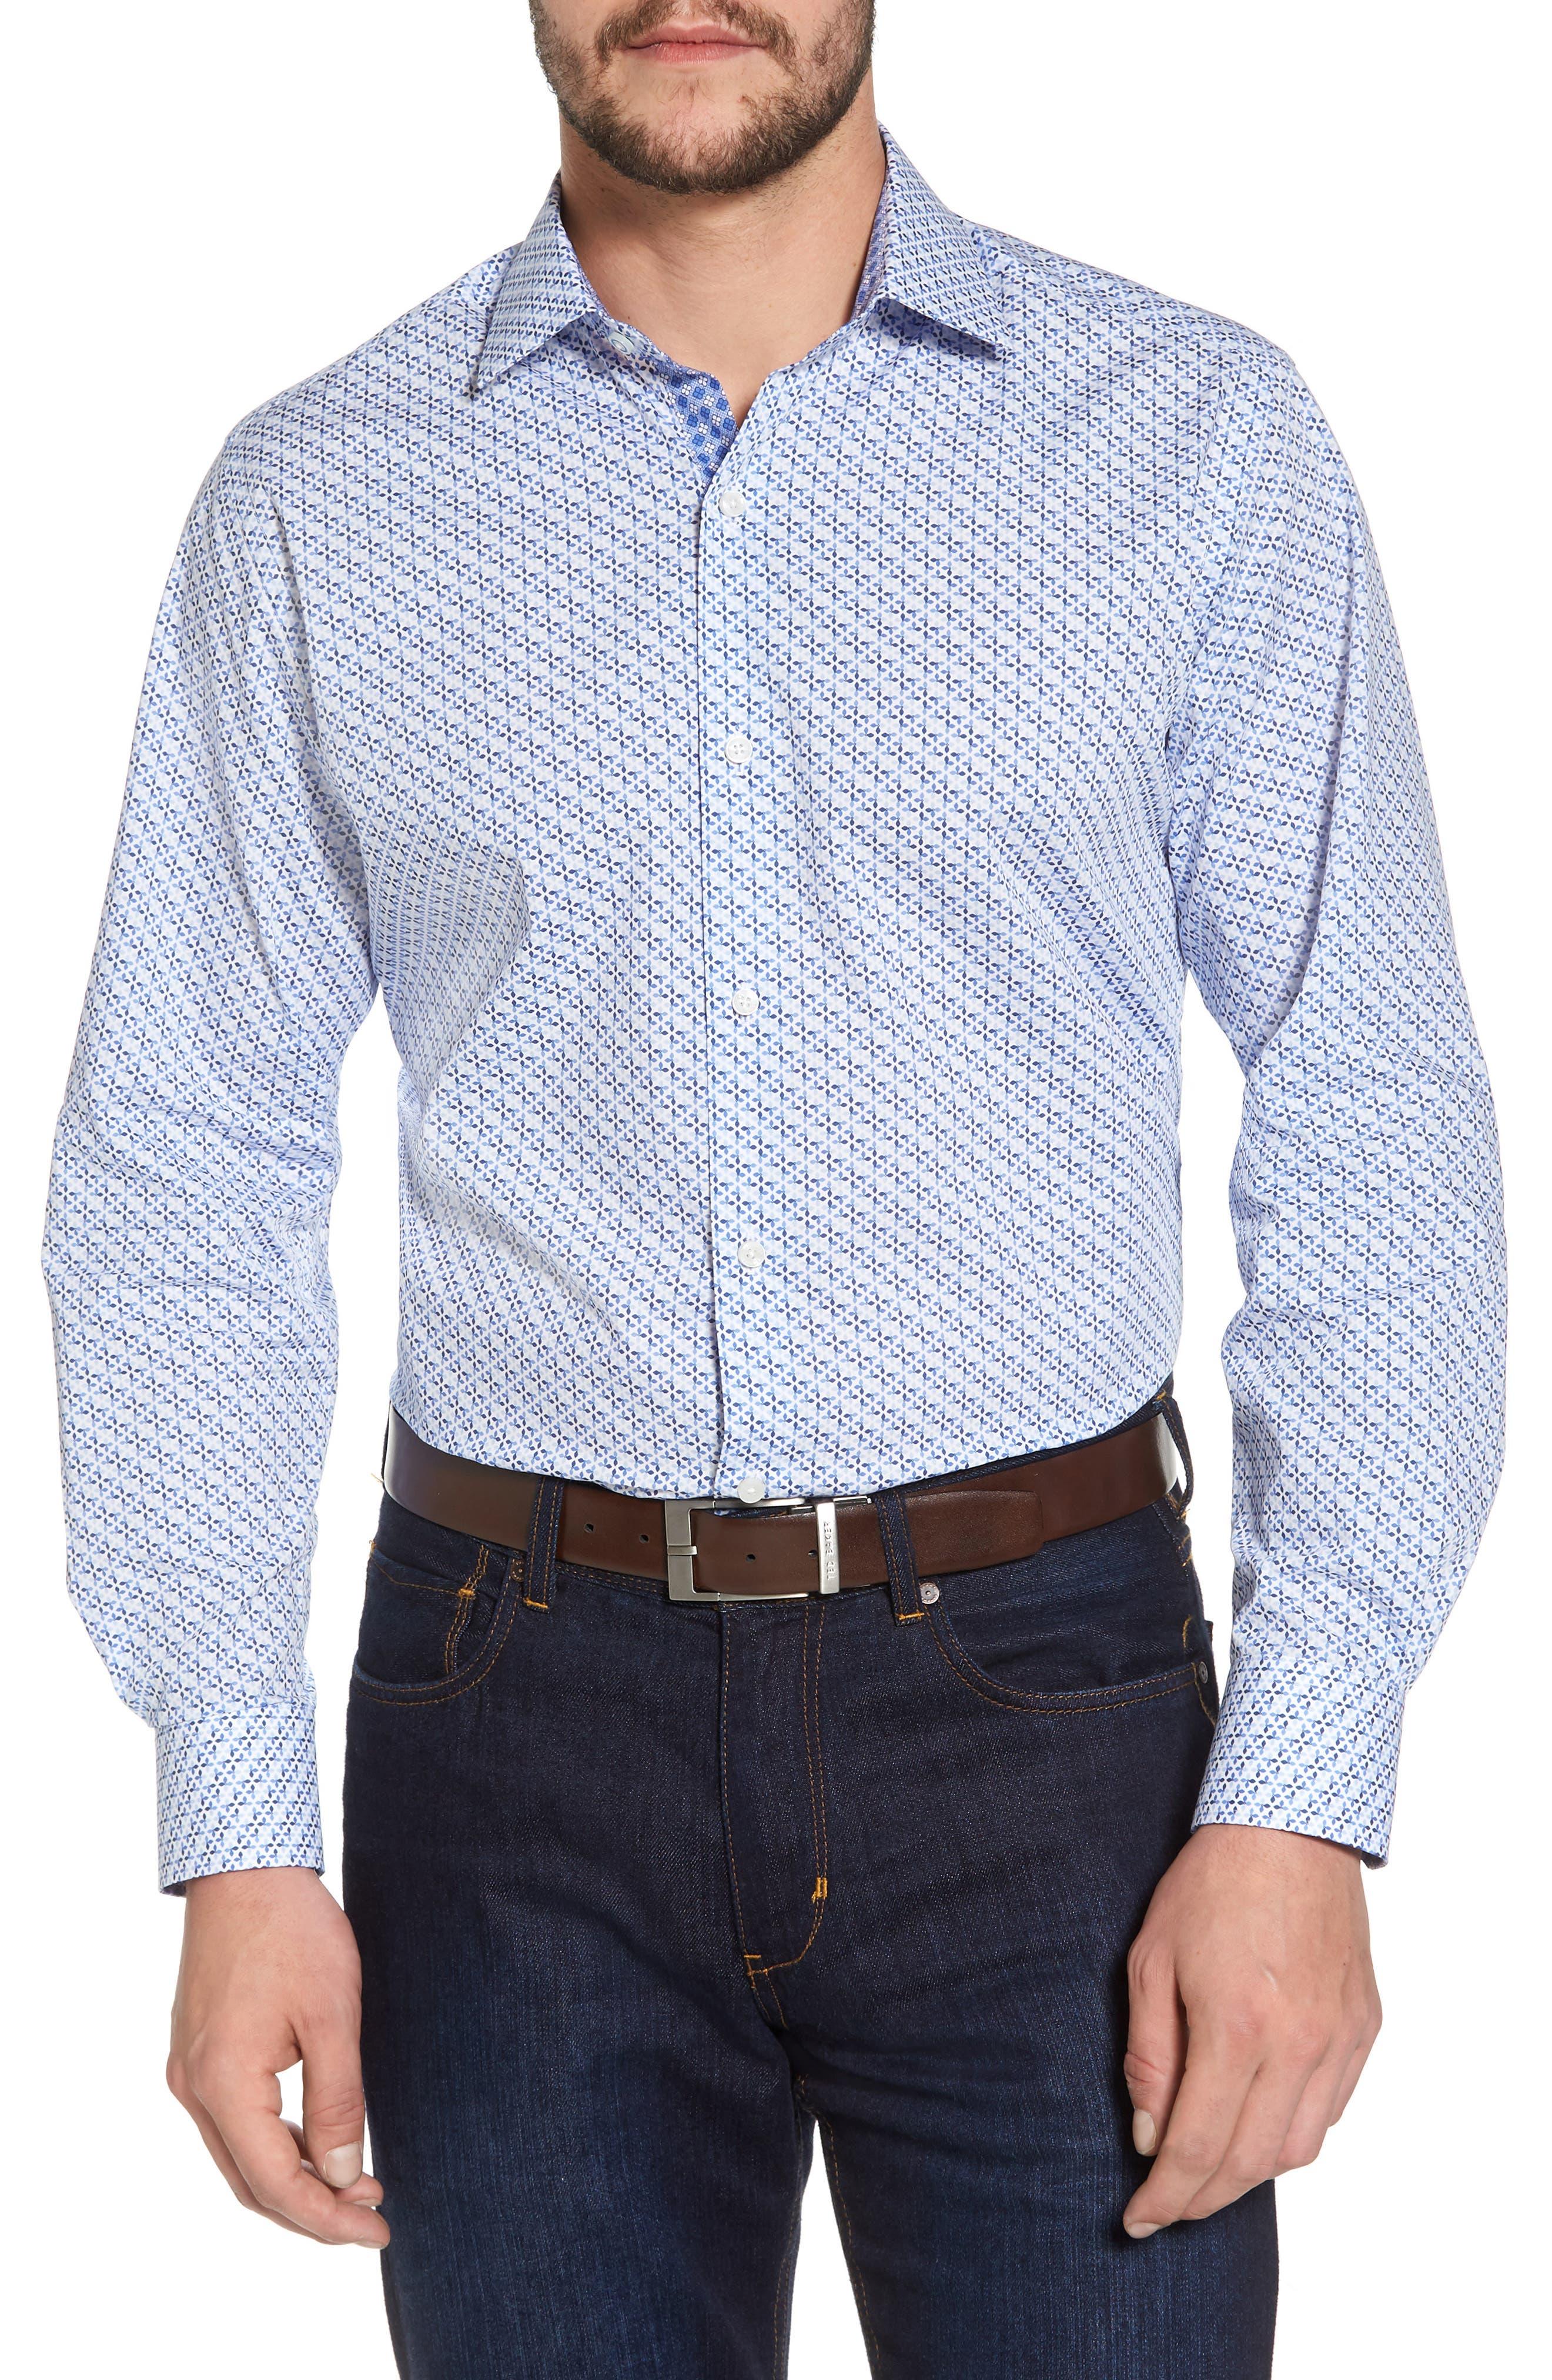 Simon Regular Fit Geo Print Sport Shirt,                         Main,                         color,